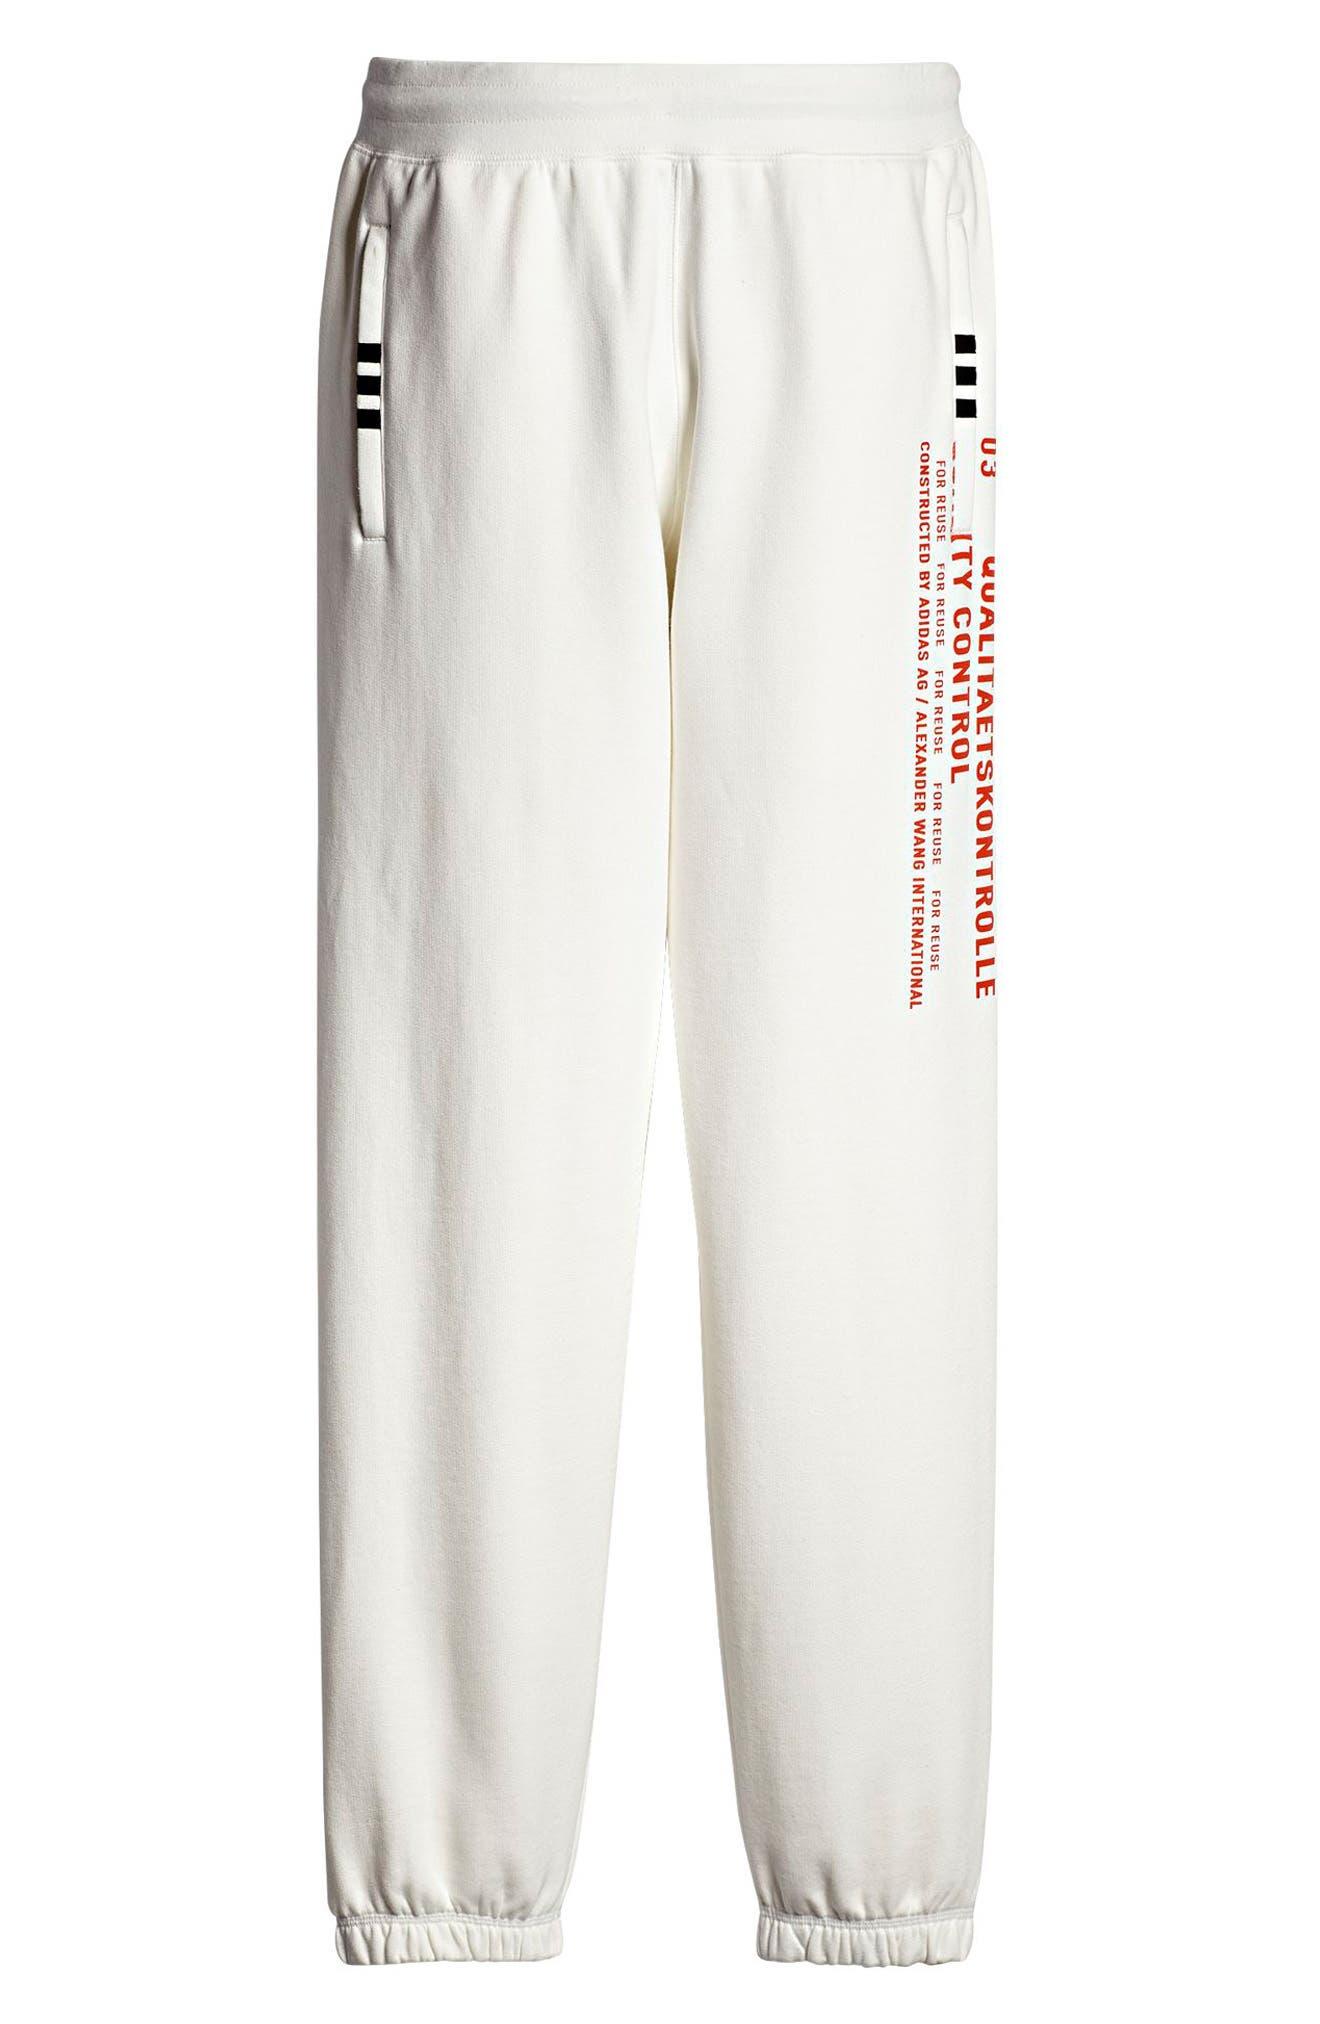 Graphite Jogger Pants,                             Alternate thumbnail 7, color,                             White/ Orange/ Black